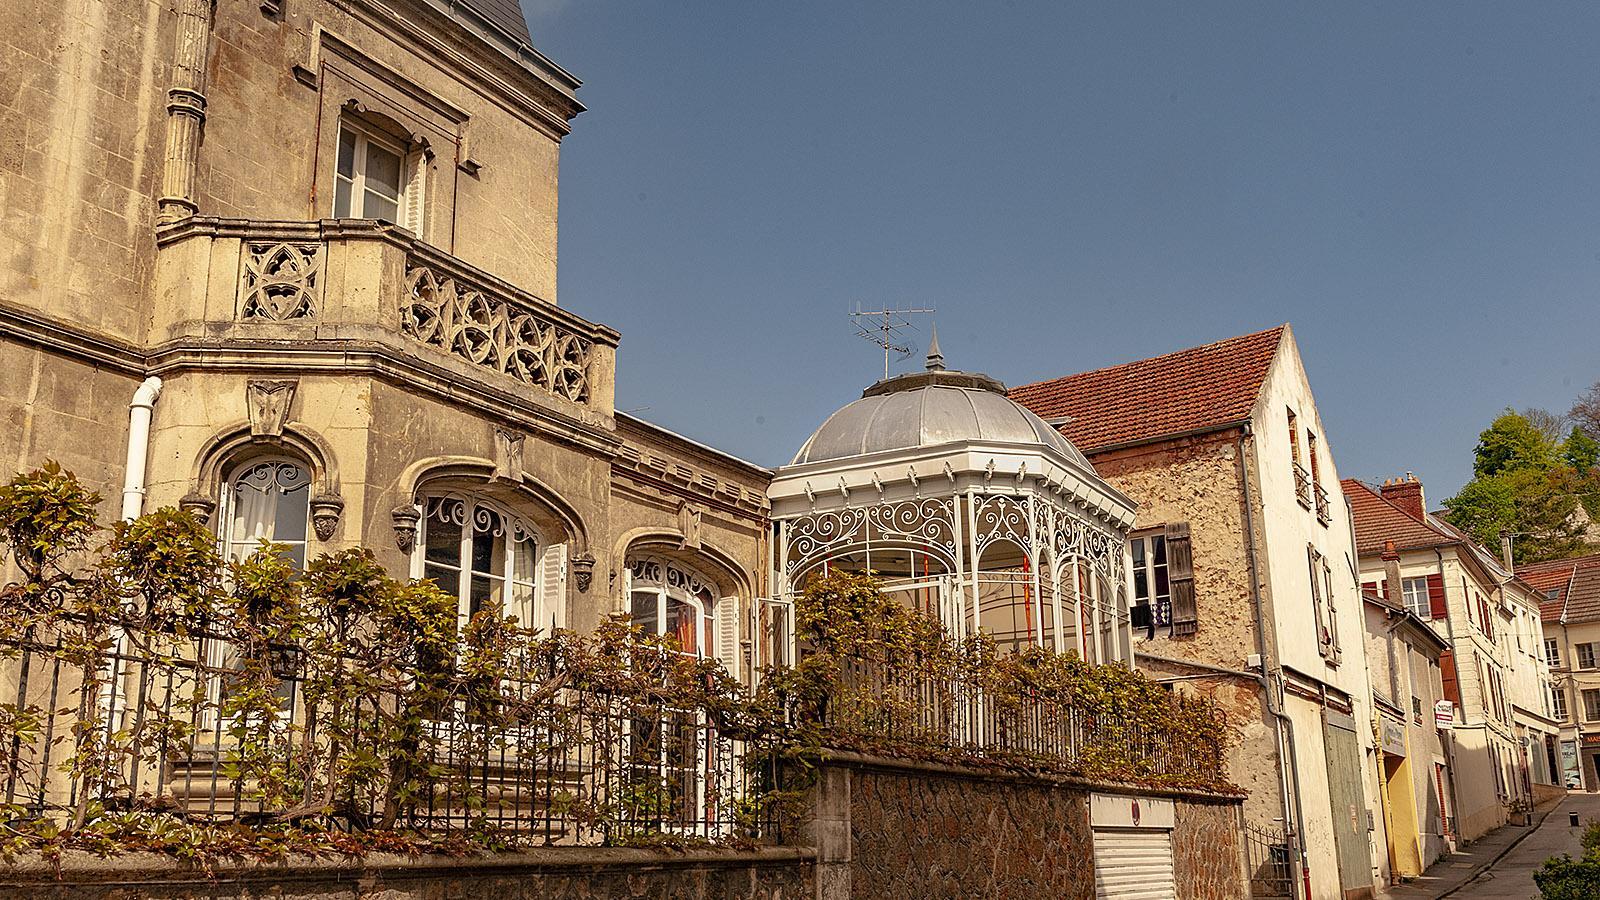 Nostalgisch: der Gartenpavillon dieser Stadtvilla von Châtaeu-Thierry. Foto: Hilke Maunder